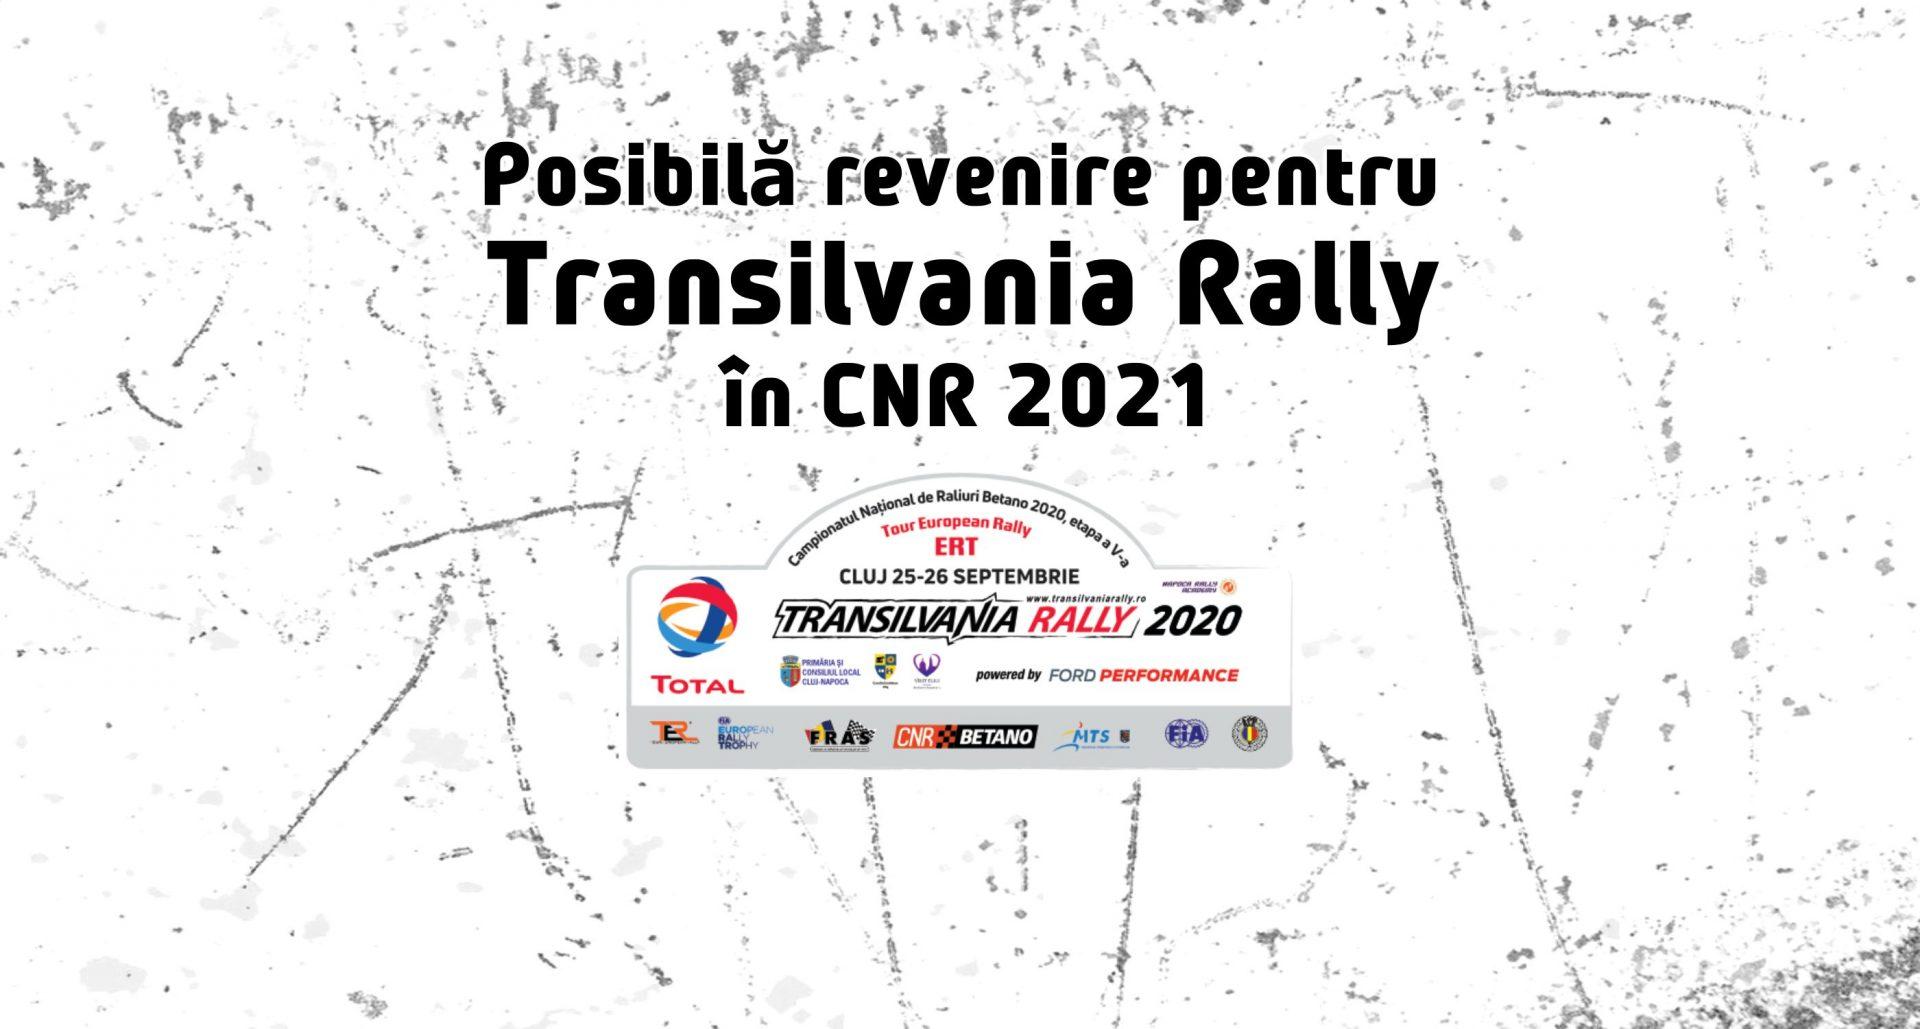 """Posibilă revenire a Transilvania Rally după aprobarea """"de principiu"""" de către FRAS"""